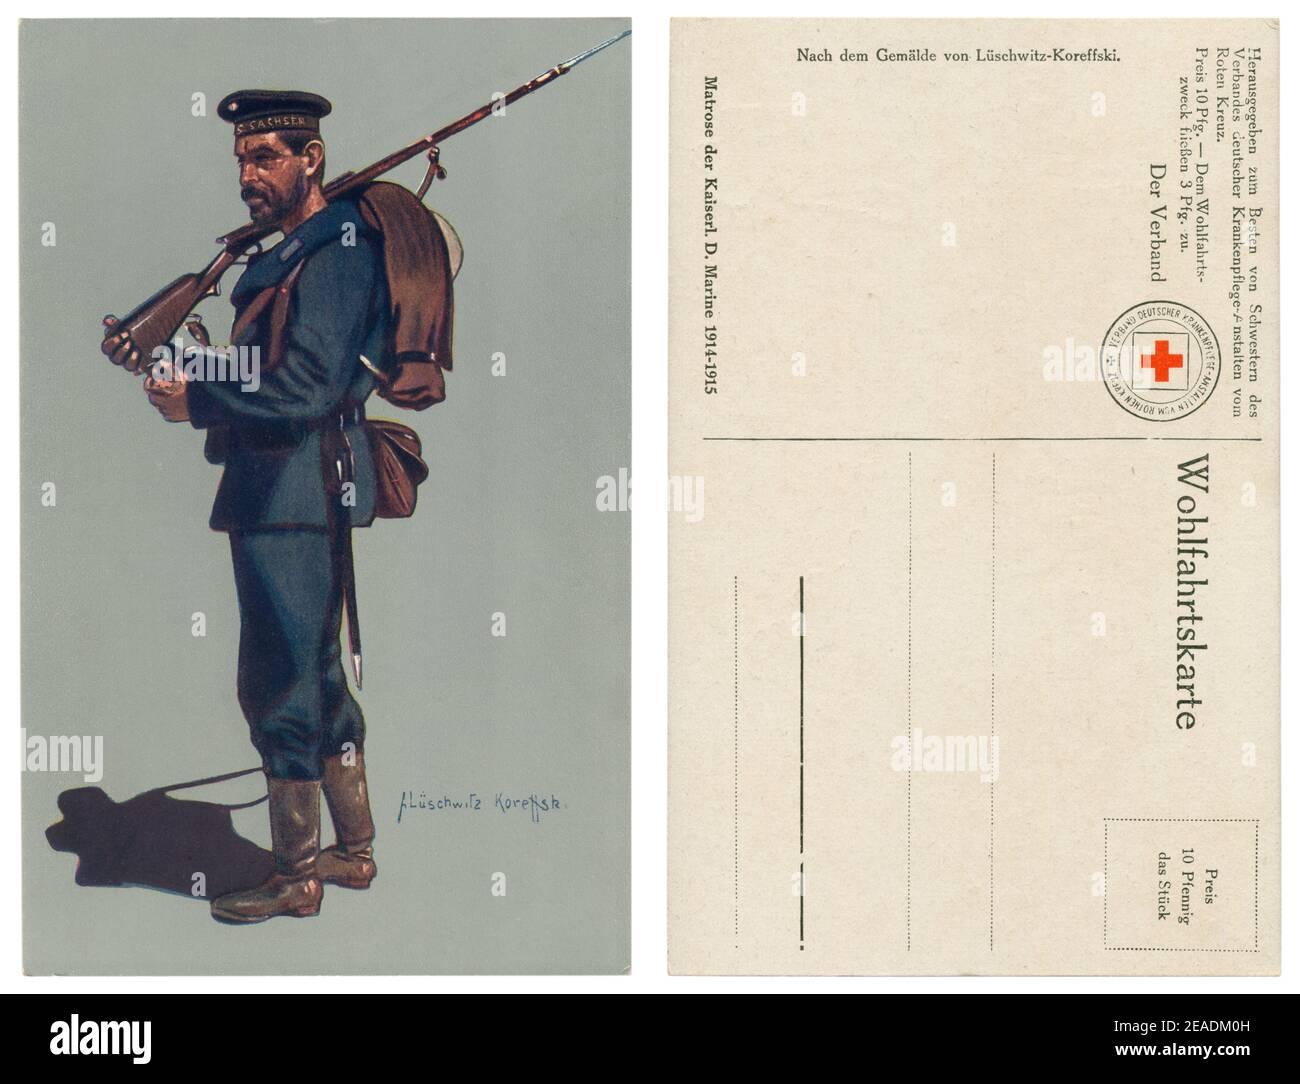 Carte postale historique allemande: Un marin kaisermarine du navire de guerre SMS Sachsen (1916), entièrement équipé, avec un fusil sur son épaule, la première guerre mondiale Banque D'Images